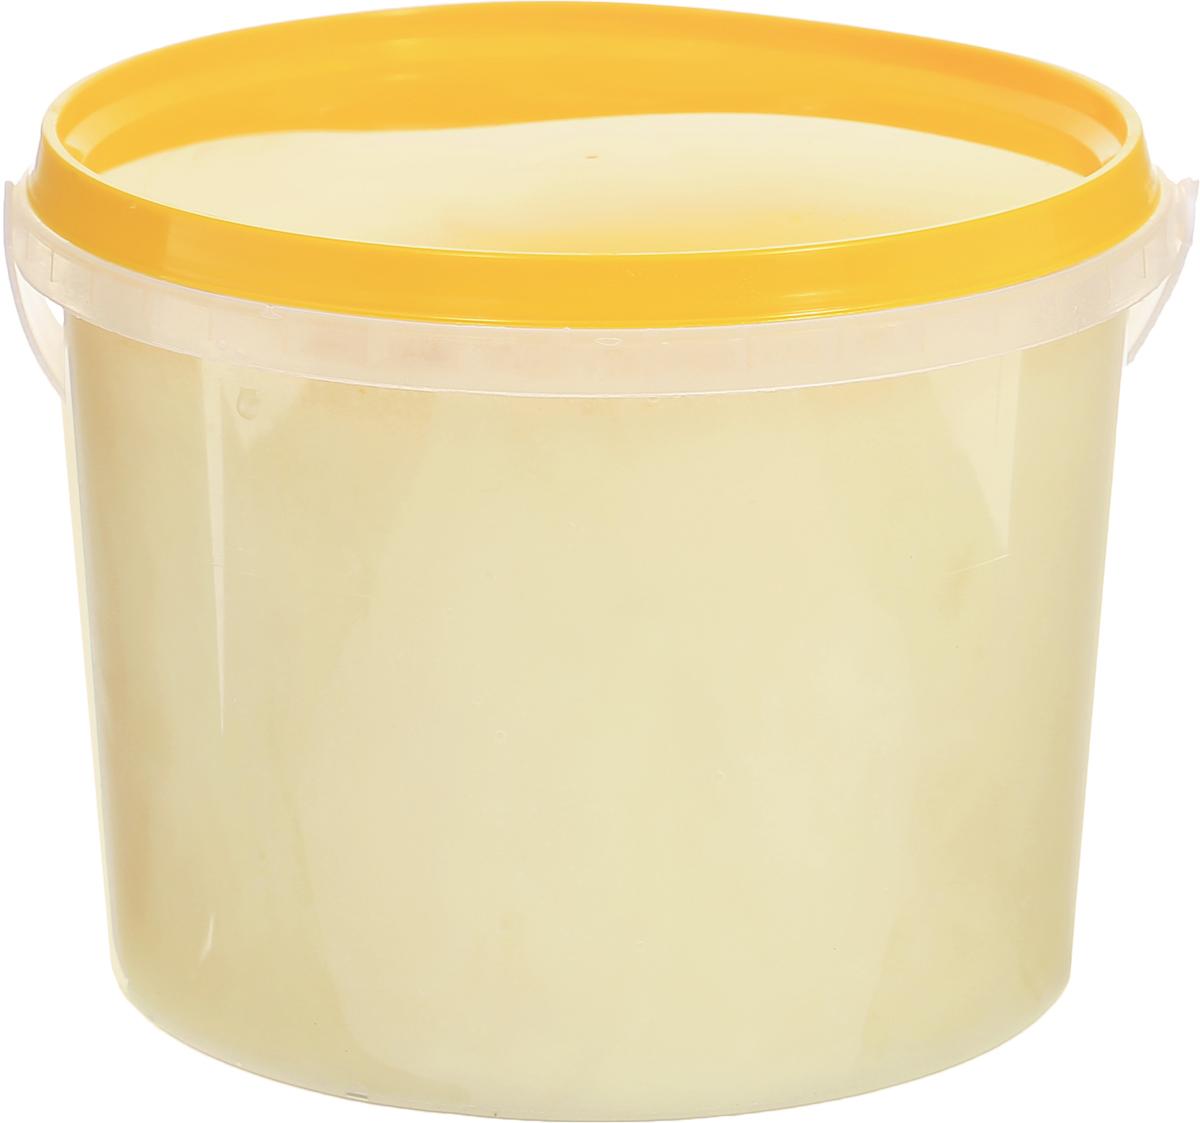 Медовед мед натуральный липовый башкирский, 1 кг4627123647576Когда начинают говорить о различных видах меда, то обязательно отметят как самый лучший среди них - липовый. В России леса с преобладанием липы составляют всего 0,4% от площади всех лесов и сосредоточены в основном на Урале в Башкортостане, преимущественно в Бурзянском районе.Липовый мед отличается сильно проявленными питательными и лечебными свойствами. Содержит летучие и нелетучие противомикробные вещества. Оказывает отхаркивающее и слегка слабительное действие. Незаменим при лечении ангины, насморка, ларингита, бронхита, трахеита, бронхиальной астмы. Хорош как сердечно-укрепляющее средство. Применяется при воспалении желудочно-кишечного тракта, почечных и желчных заболеваниях. Оказывает хорошее местное лечение при гнойных ранах и ожогах.